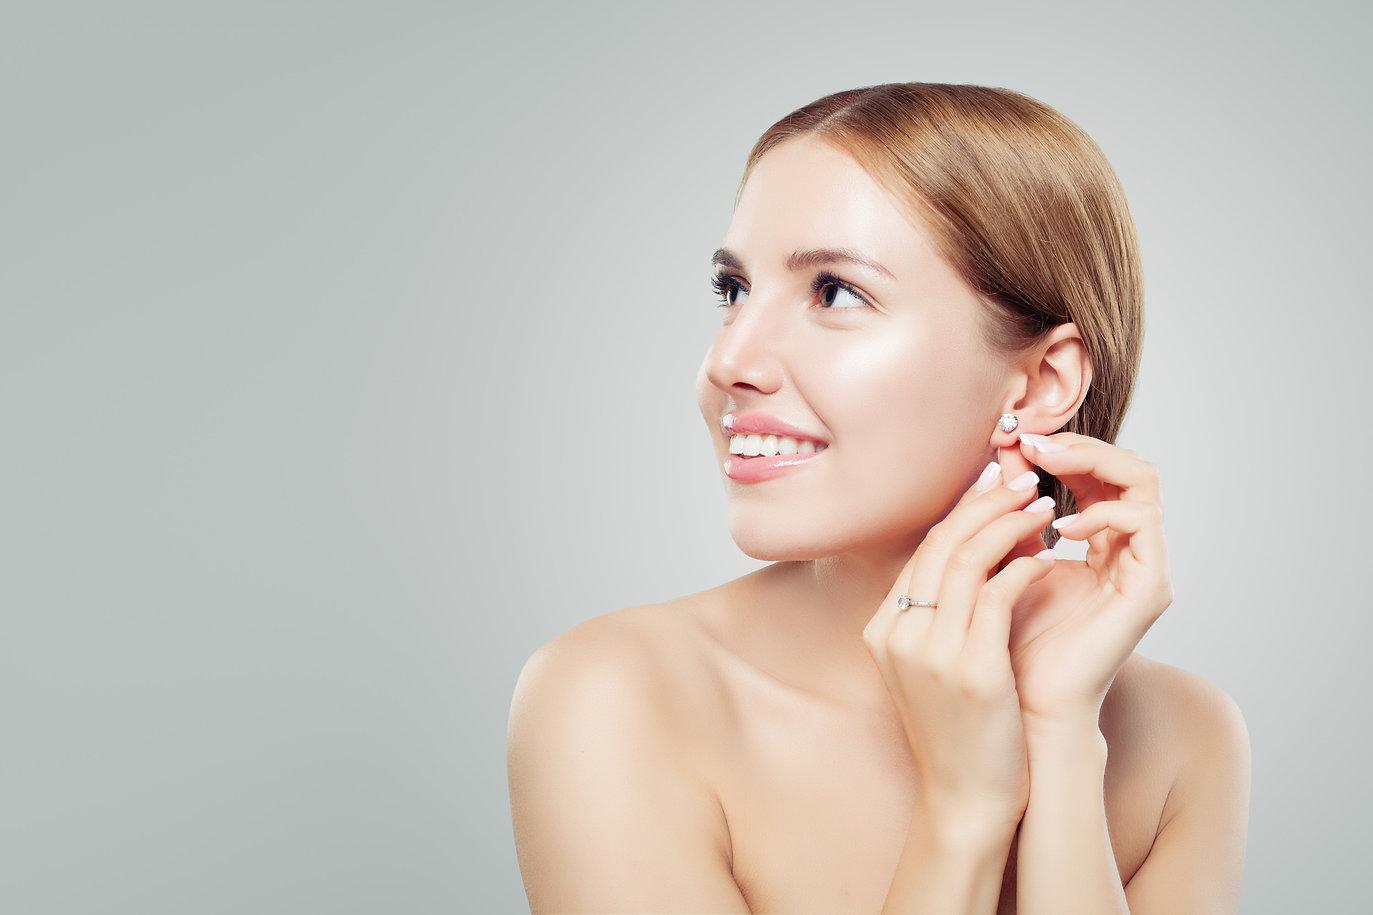 Flutees Premium-Verschlüsse für Ohrringe Ohrstecker Piercings. Aus hochwertigem biokompatiblem Kunststoff zeichnen sich durch ihre außergewöhnliche, hautsympatische und weiche Oberfläche aus.  Das flexible Material schmiegt sich sanft ans Ohrläppchen und hält Ohrschmuck mit dünnen und dicken Stäben gleichermaßen zuverlässig.  Für Ohrringe und Piercings mit Stabstärken bis 2,0 mm.